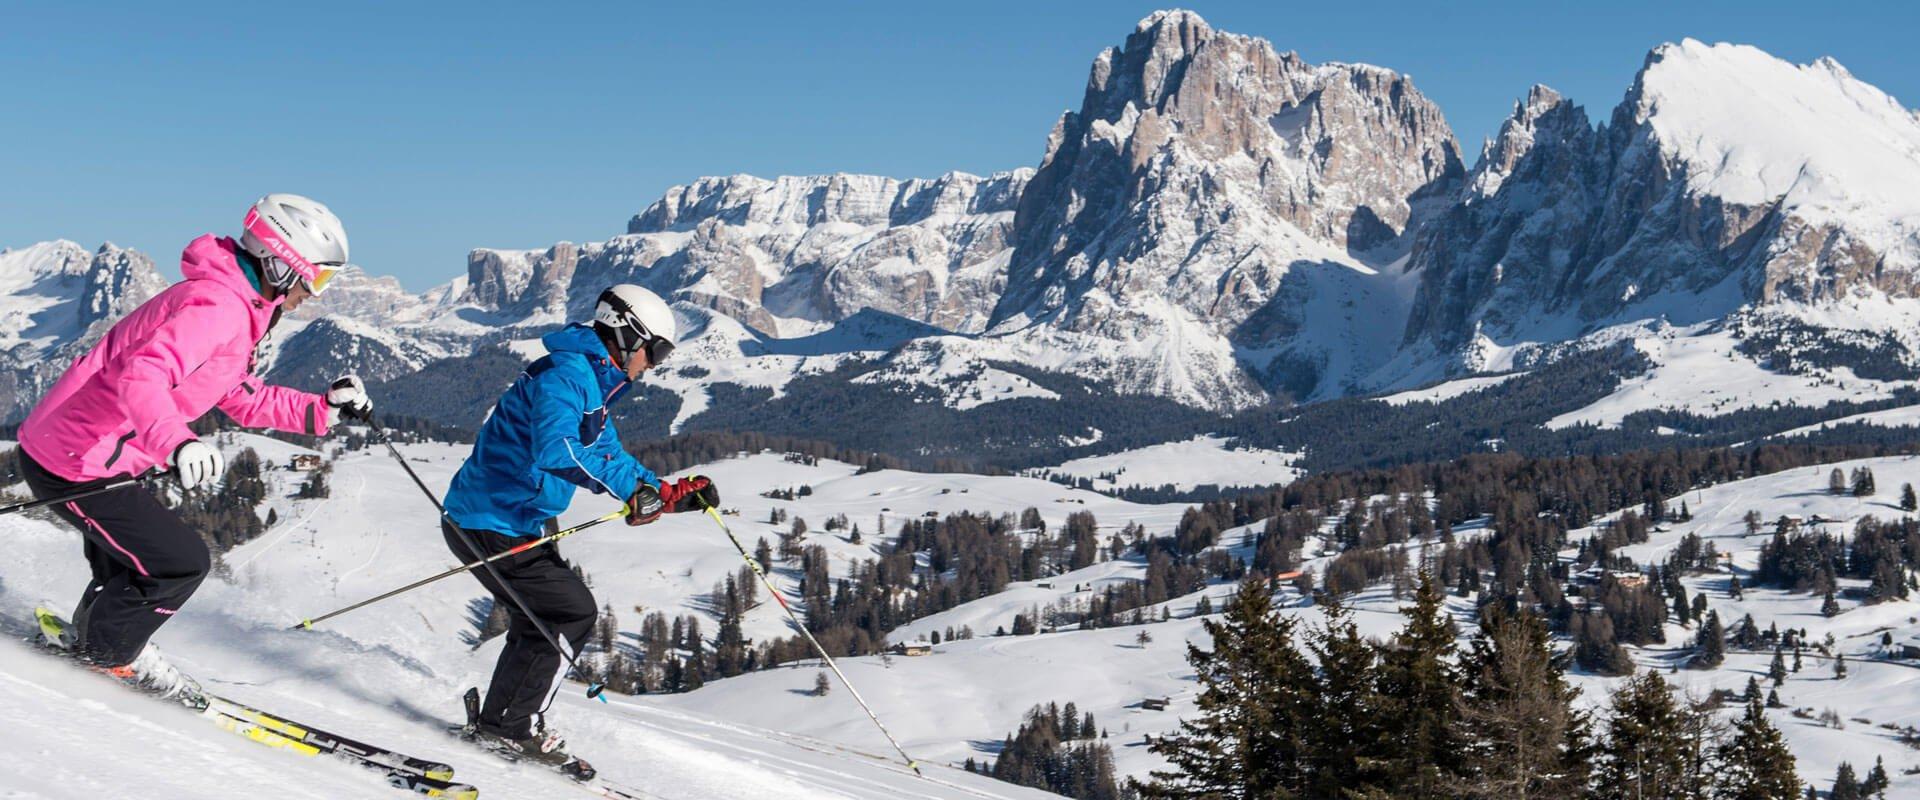 skifahren-kastelruth